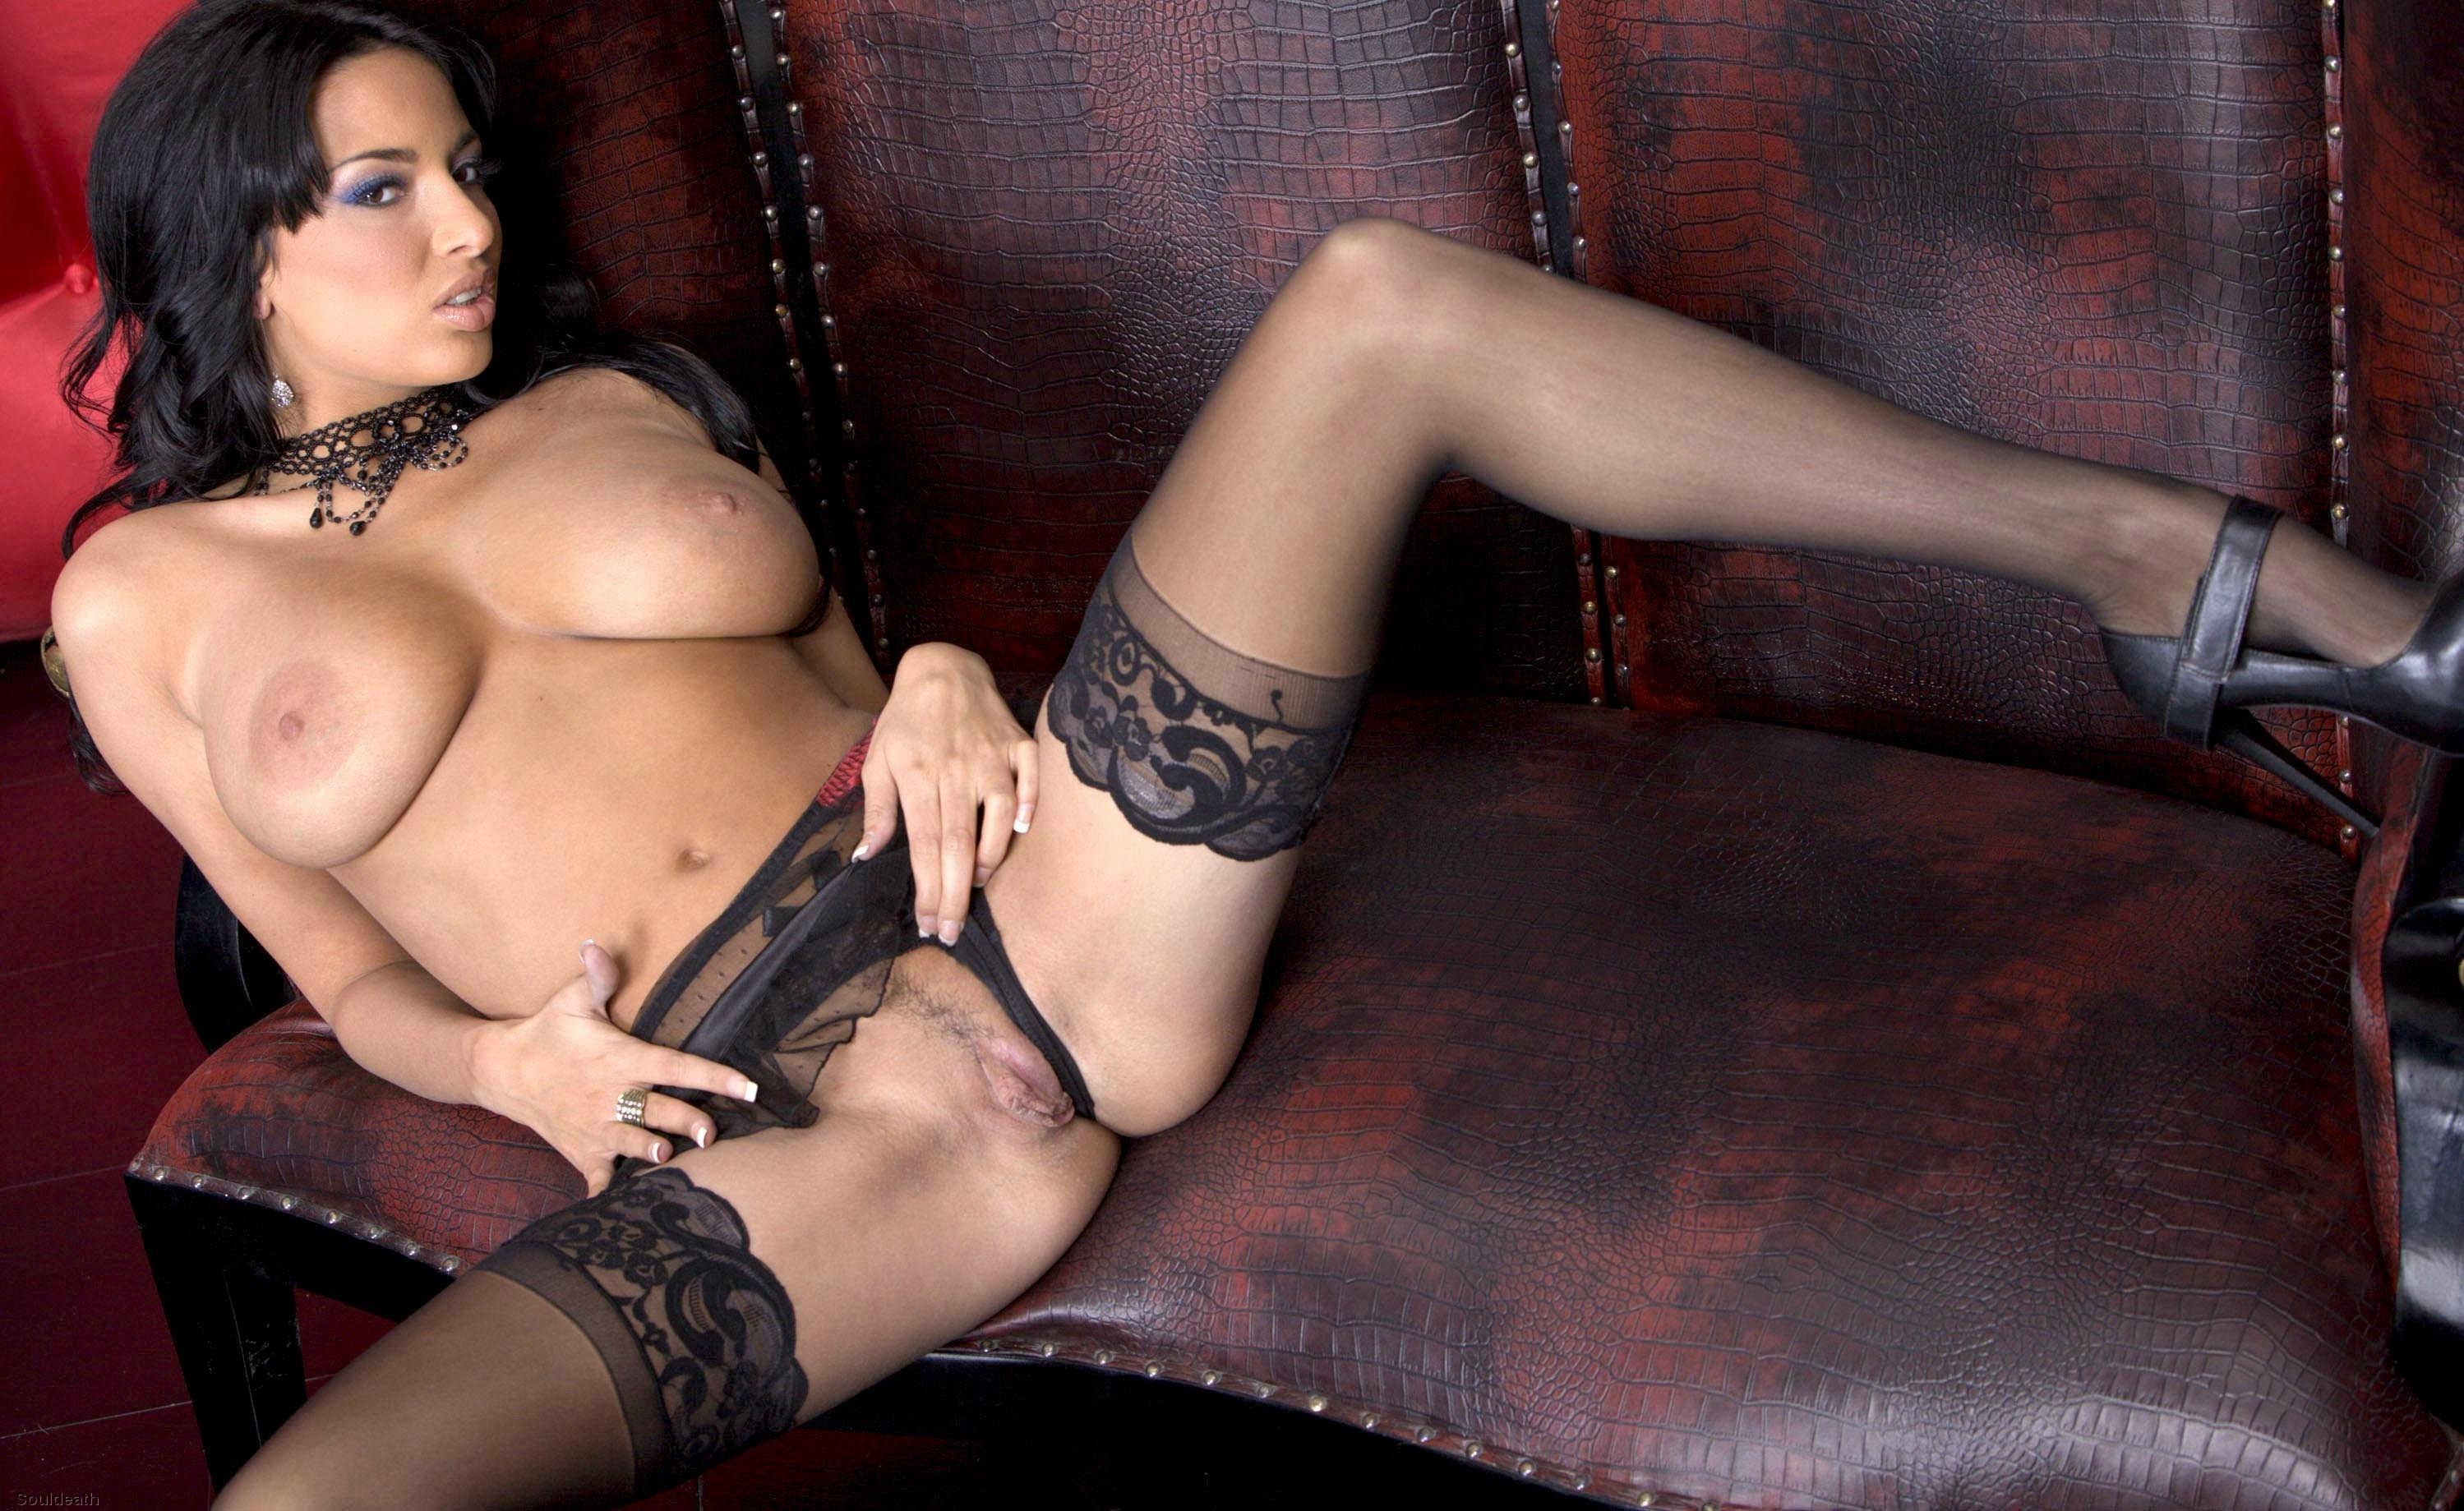 Порно фото сисек писек в чулках, лижет грязные трусики порно